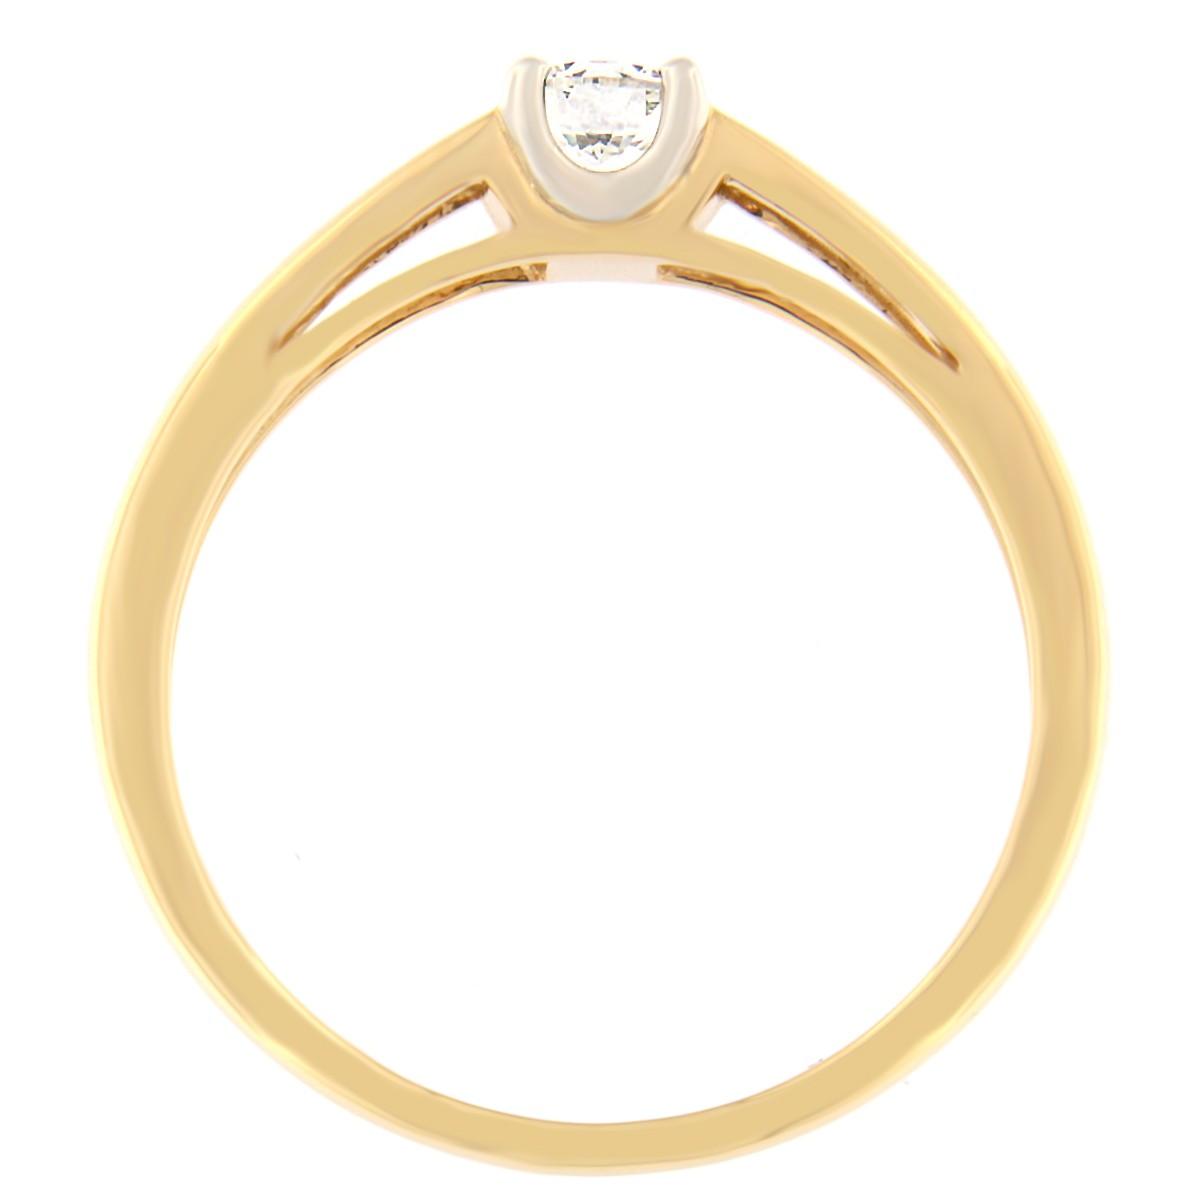 Kullast sõrmus teemantiga 0,24 ct. Kood: 54at külg